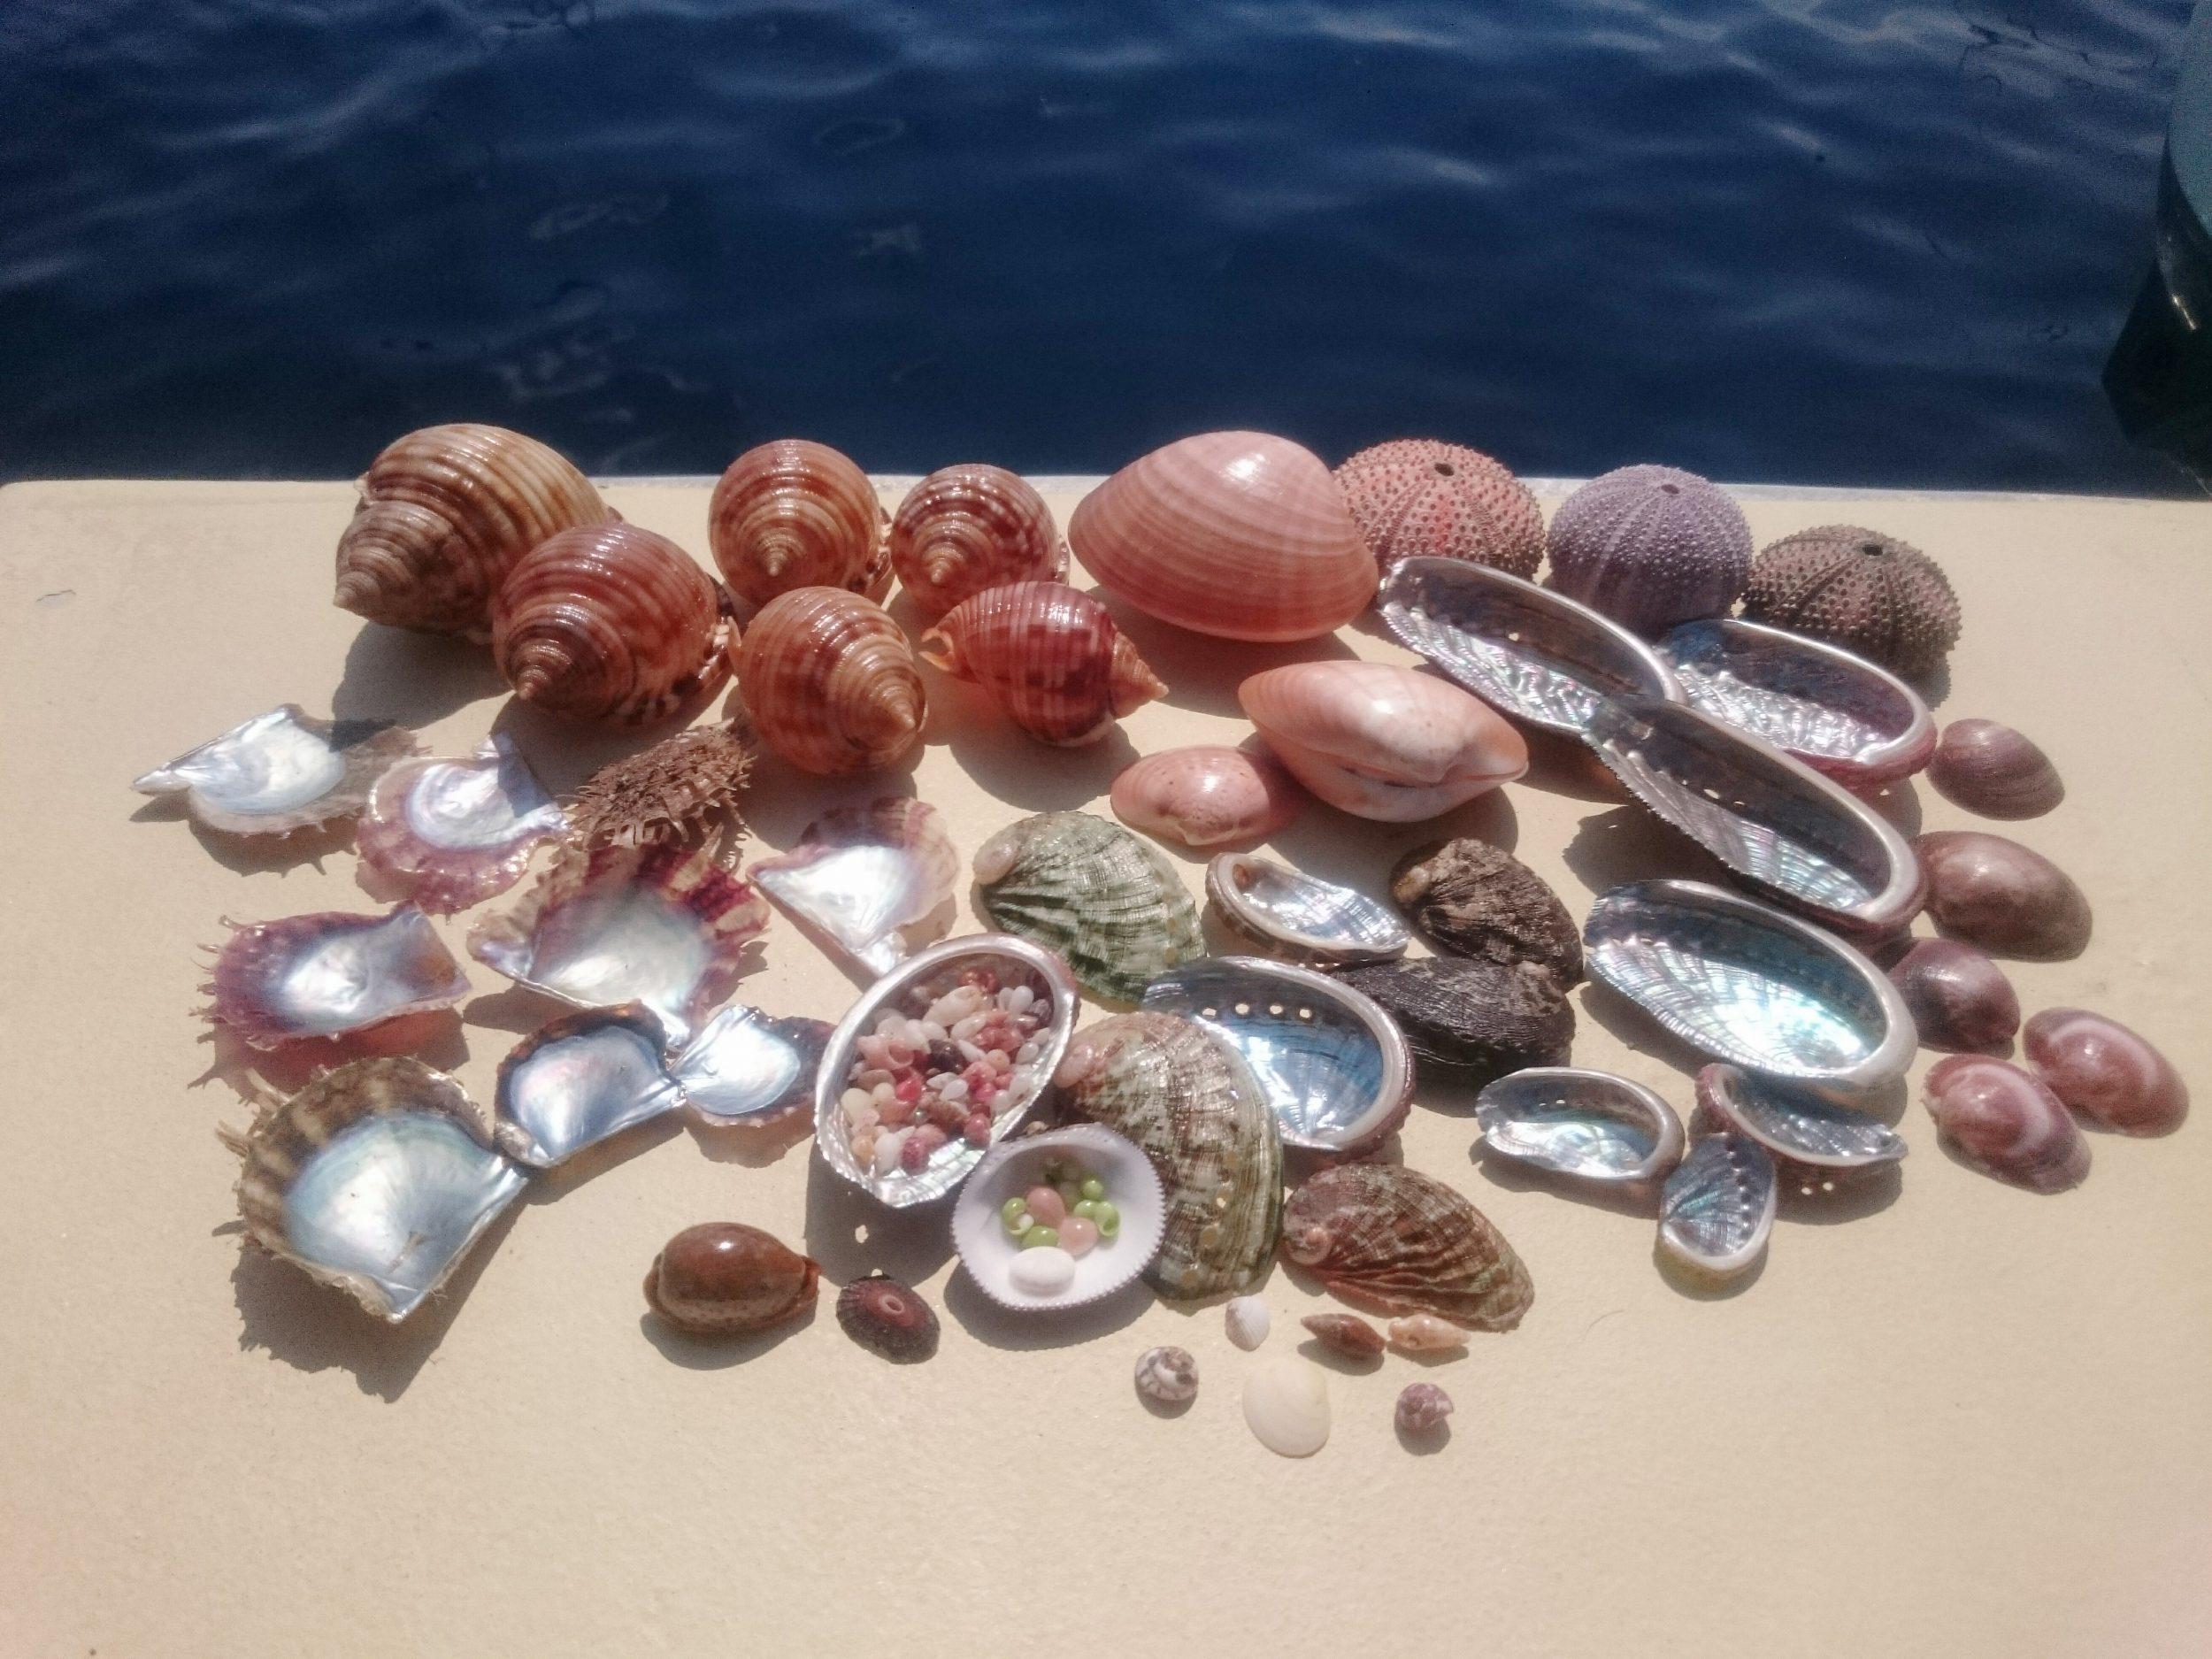 coquillages variés sur la plage arrière d'un bateau.